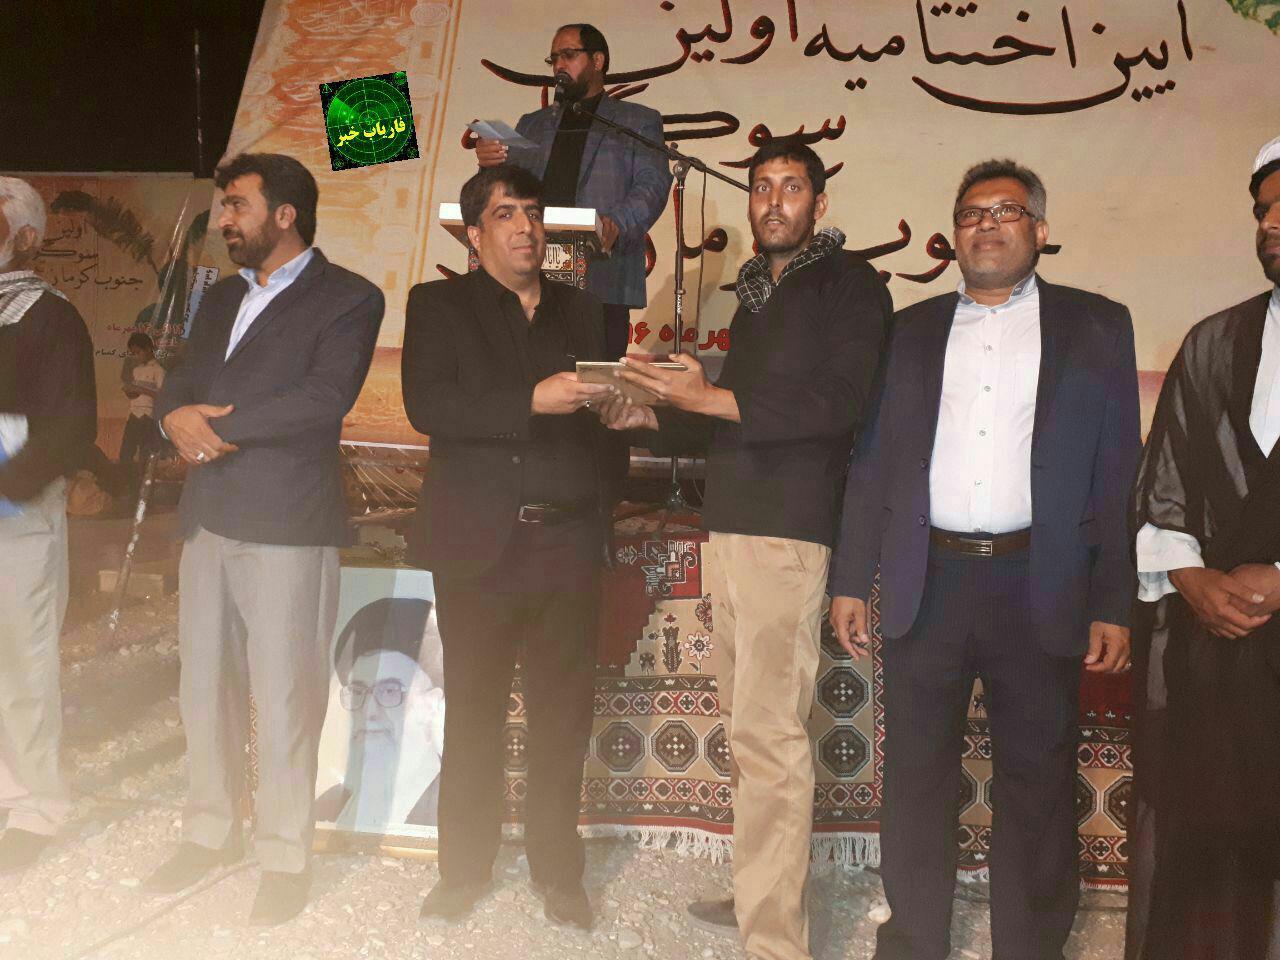 اختتامیه اولین سوگواره جنوب کرمان در فاریاب  برگزار شد